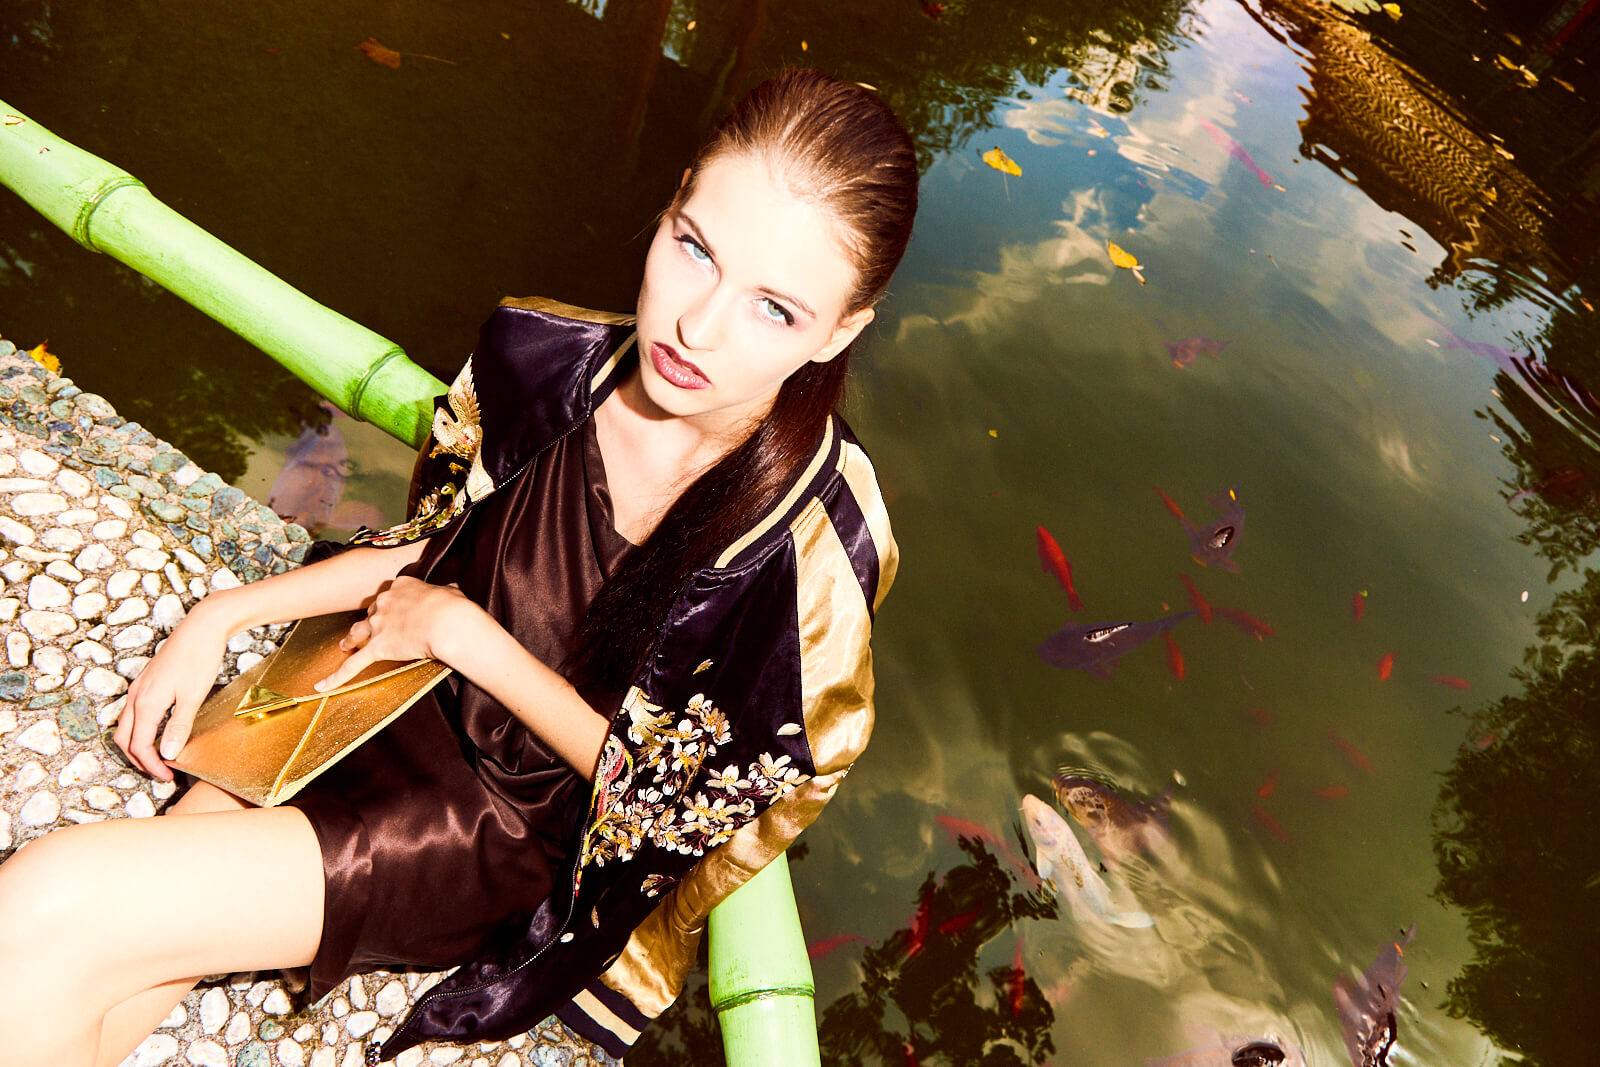 vanidad-magazine-chinese-garden-schweiz - Yuky Lutz